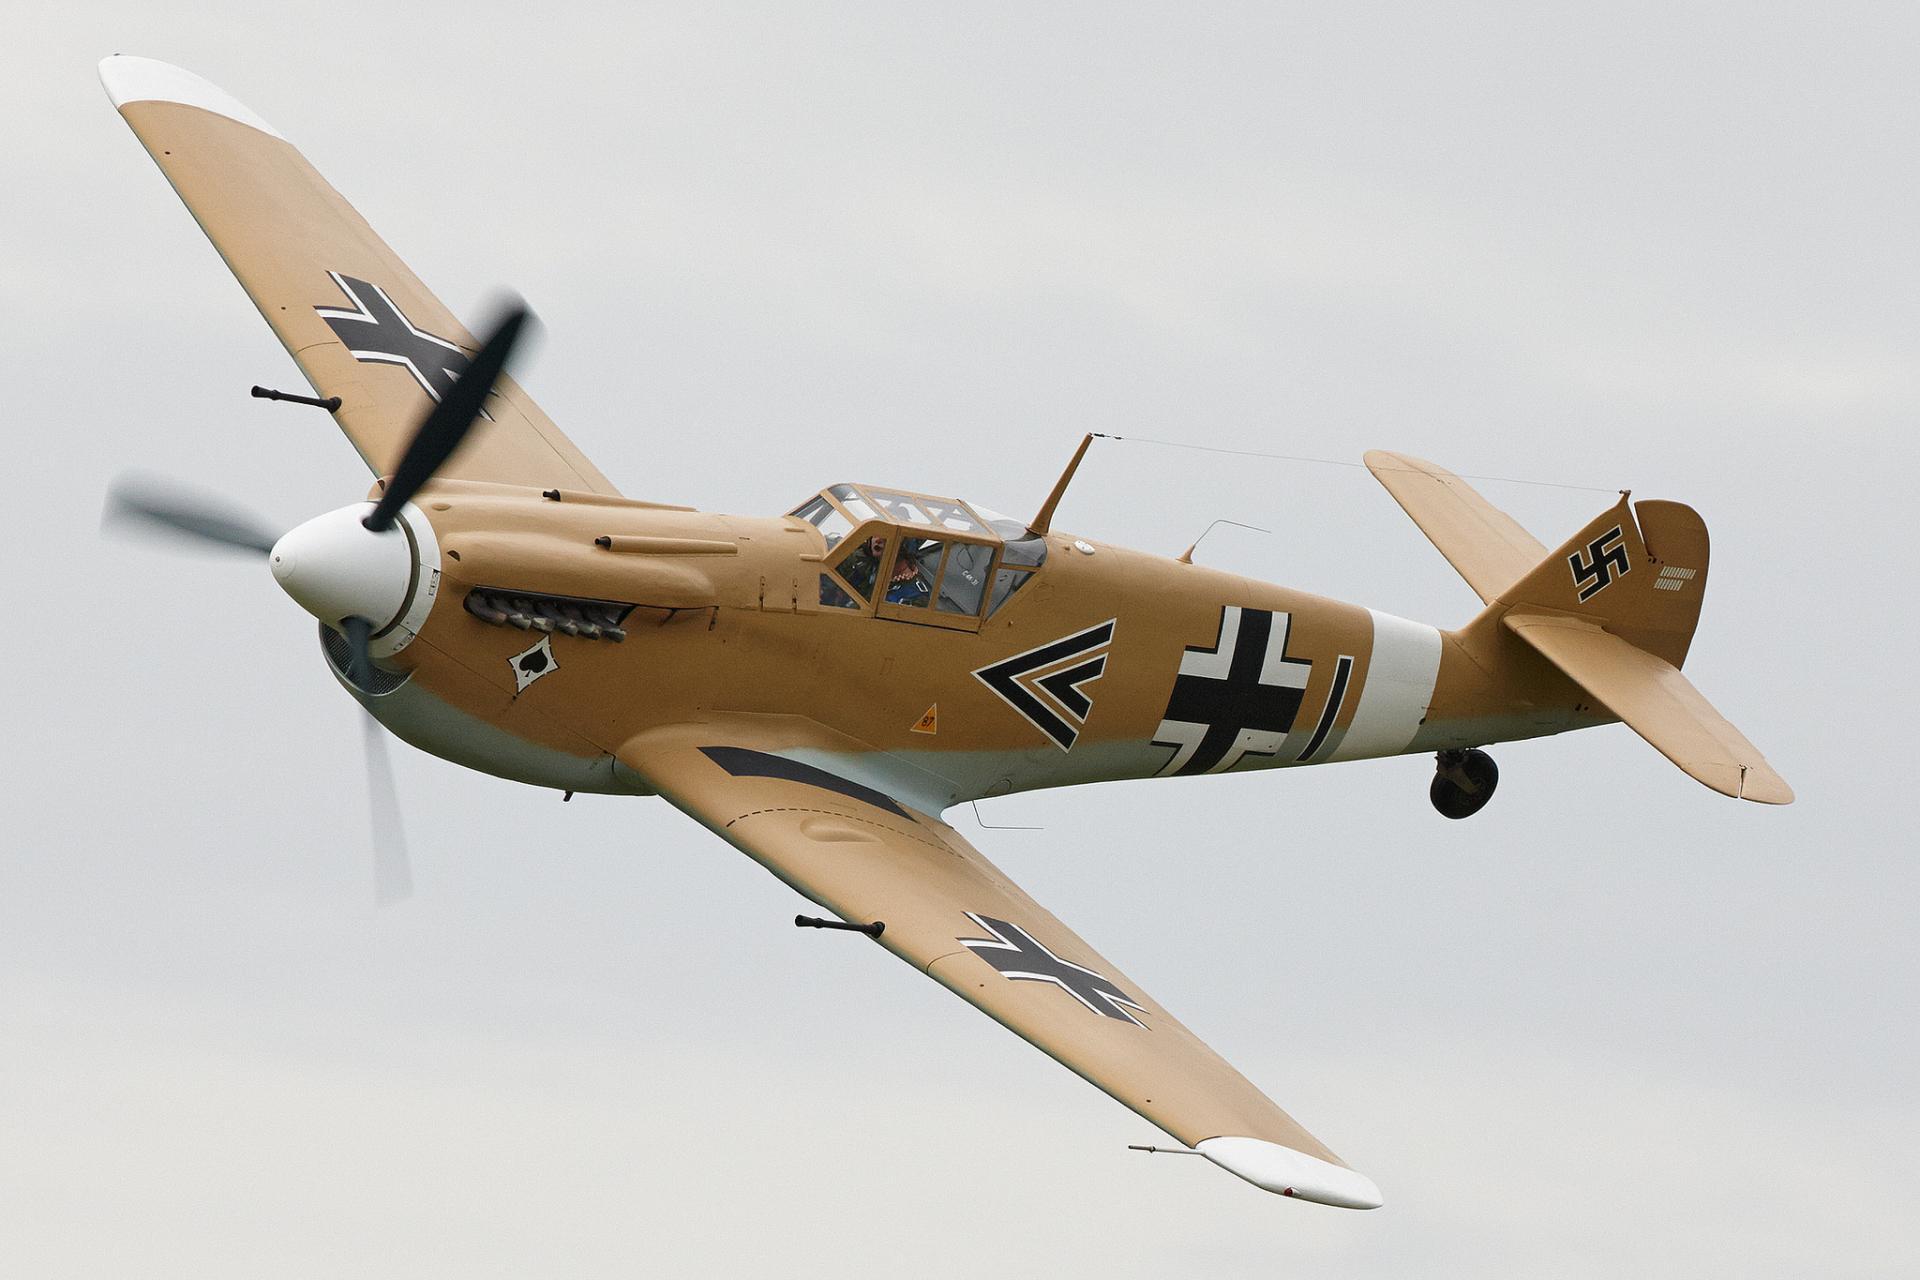 Messerschmitt Bf 109 Wallpaper HD Download